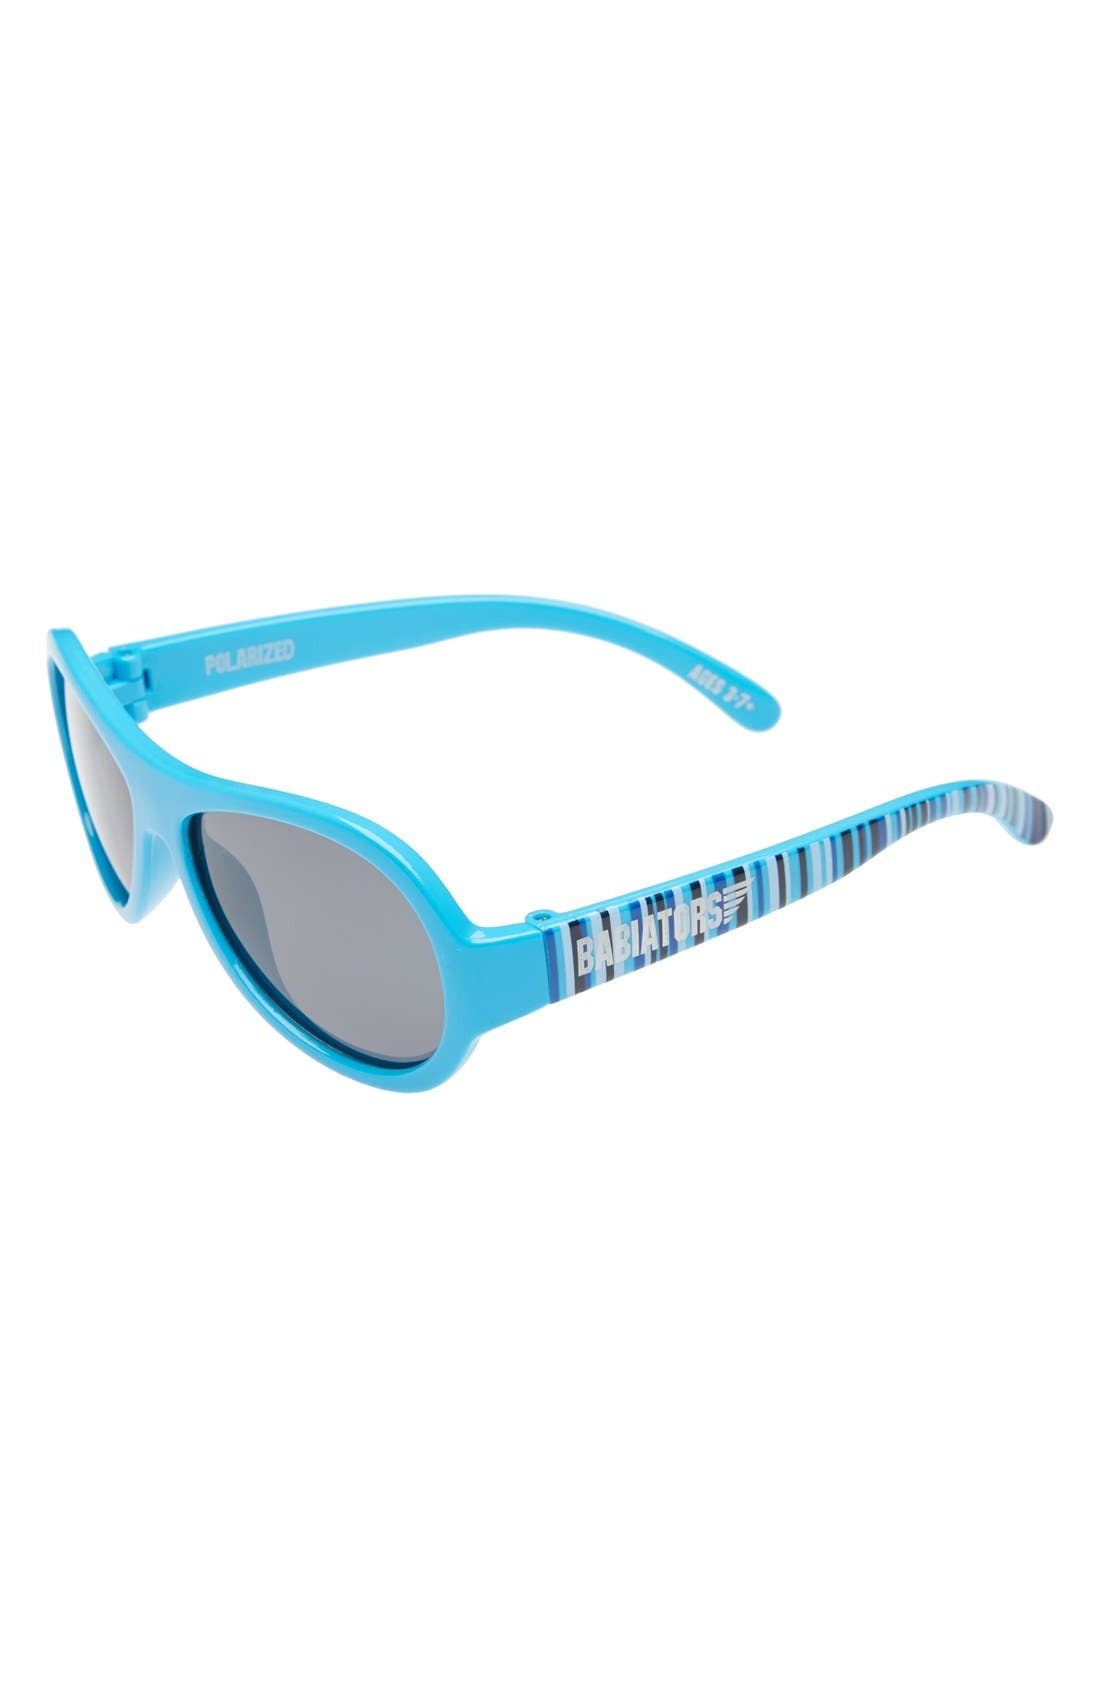 Toddler Babiators Polarized Sunglasses